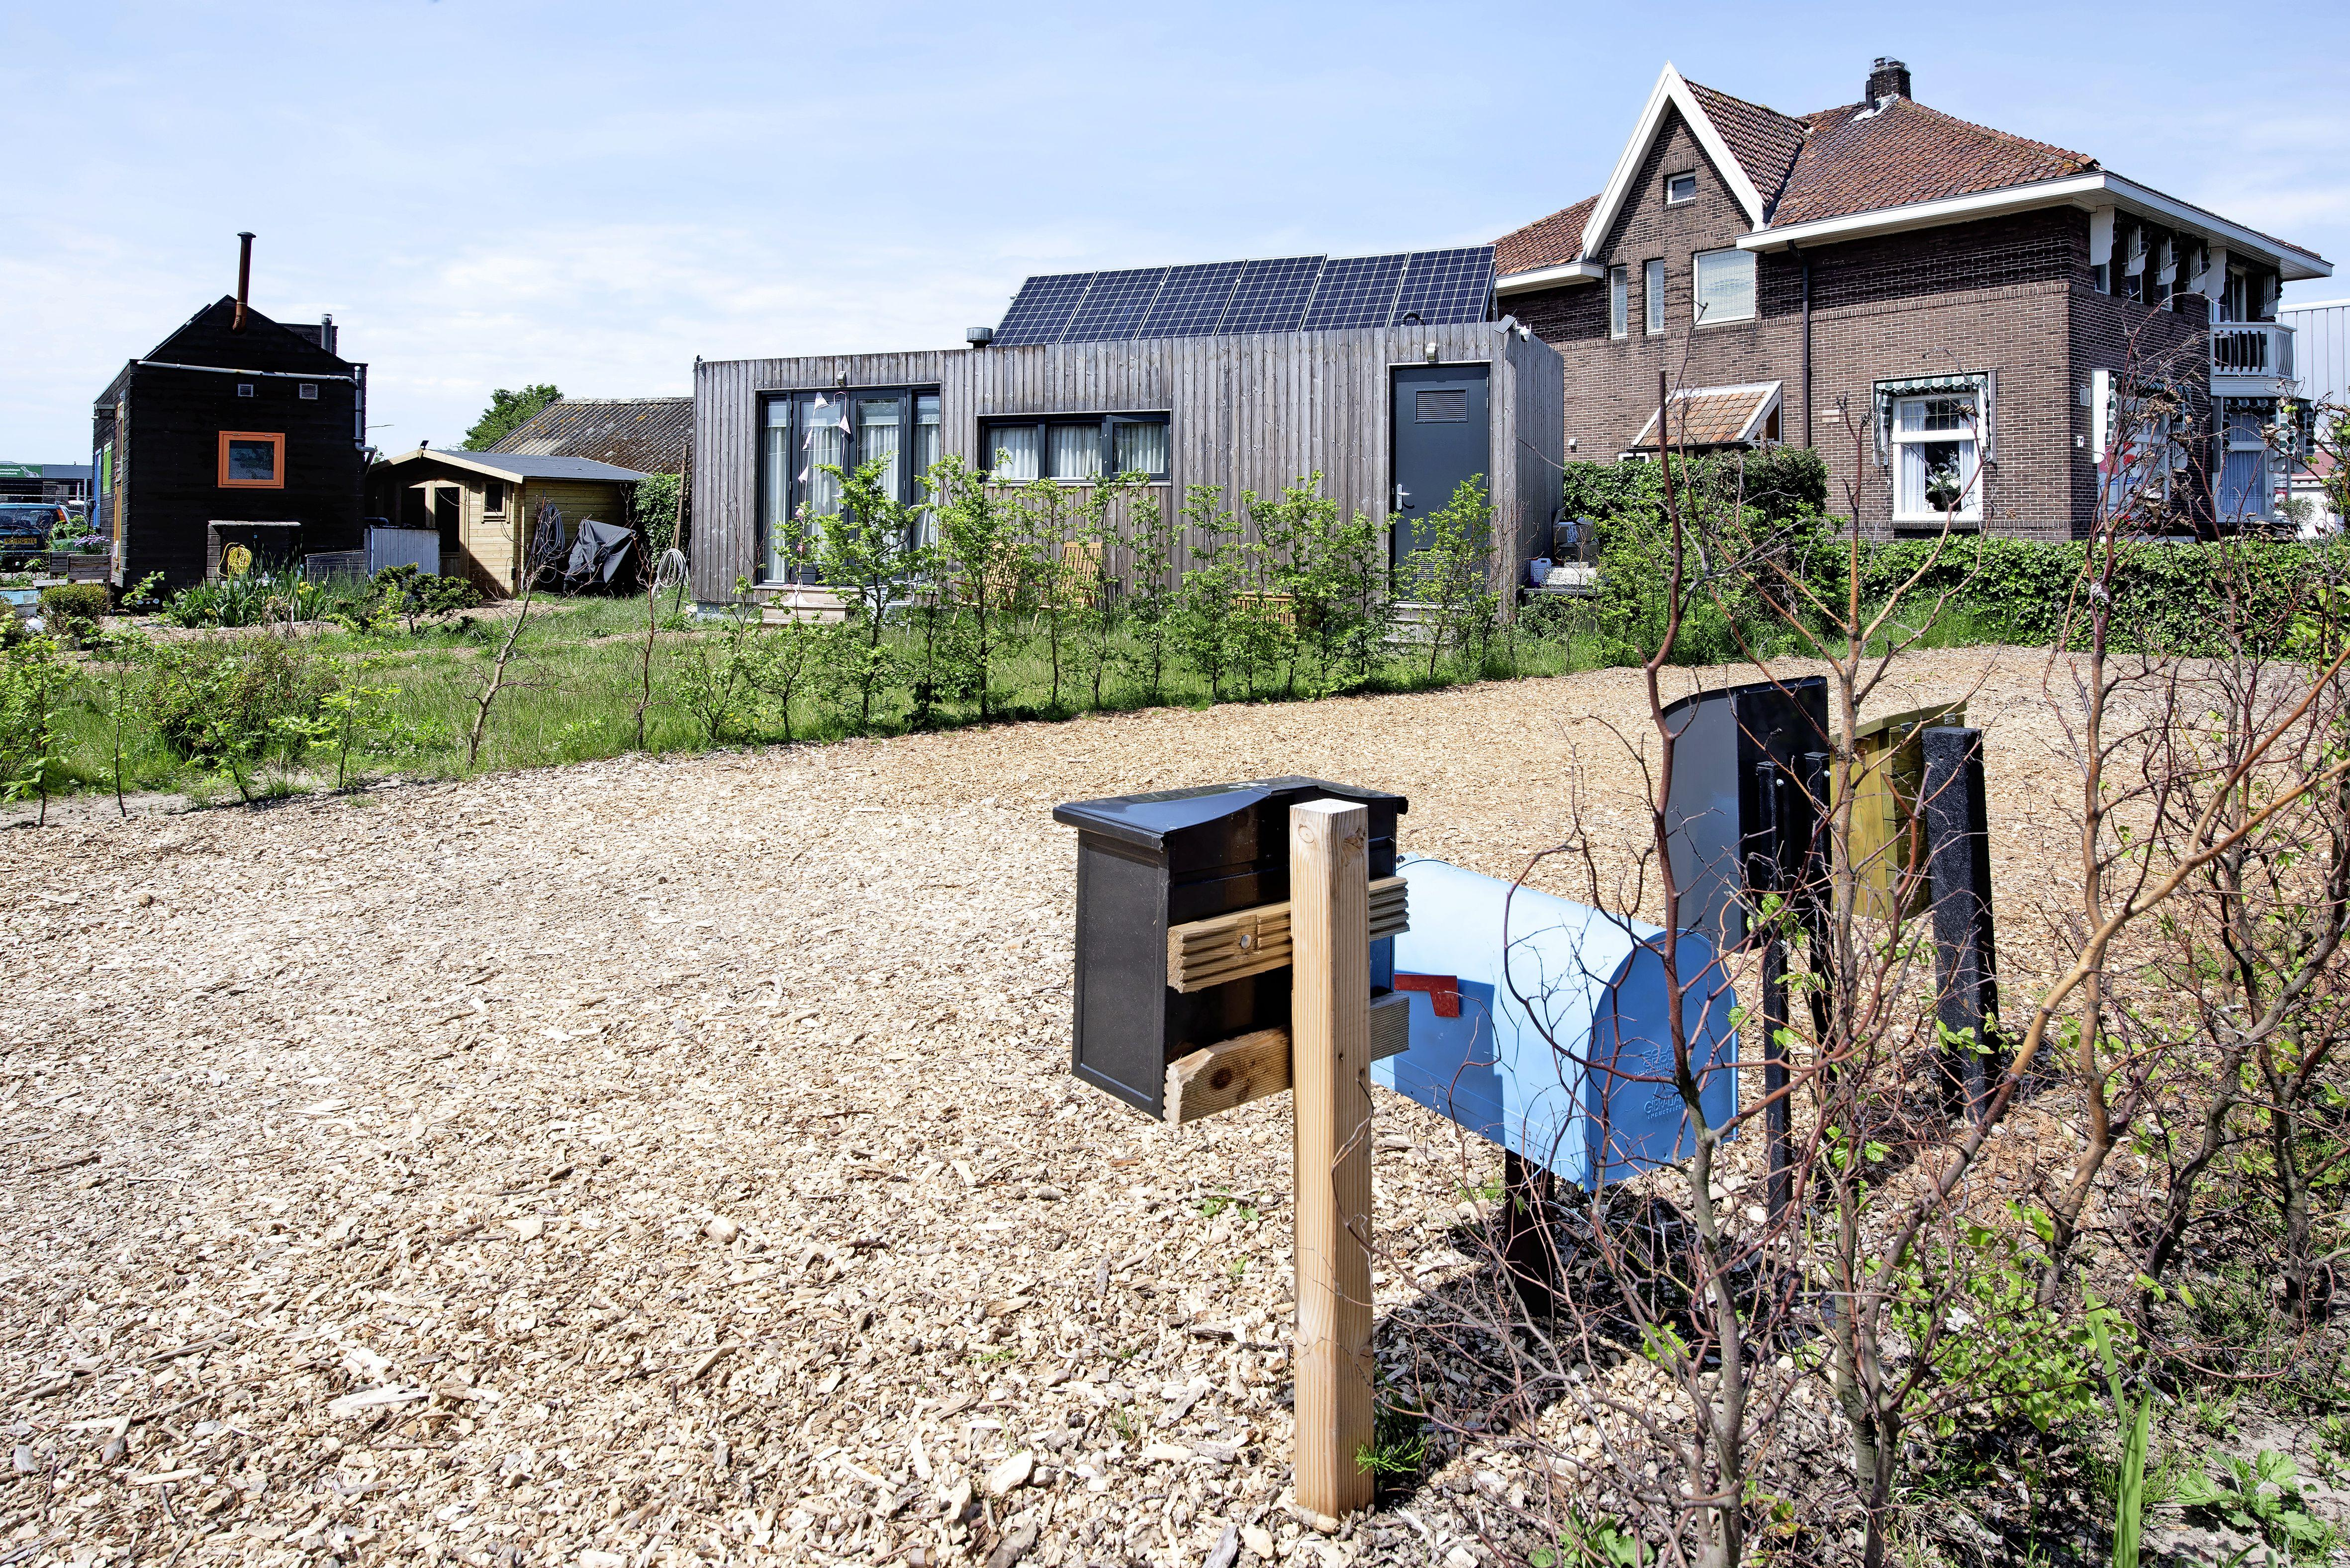 Buren bewoners vier 'Tiny Houses' krijgen ongelijk van bestuursrechter: brievenbussen en watertanks hoeven niet te worden verplaatst